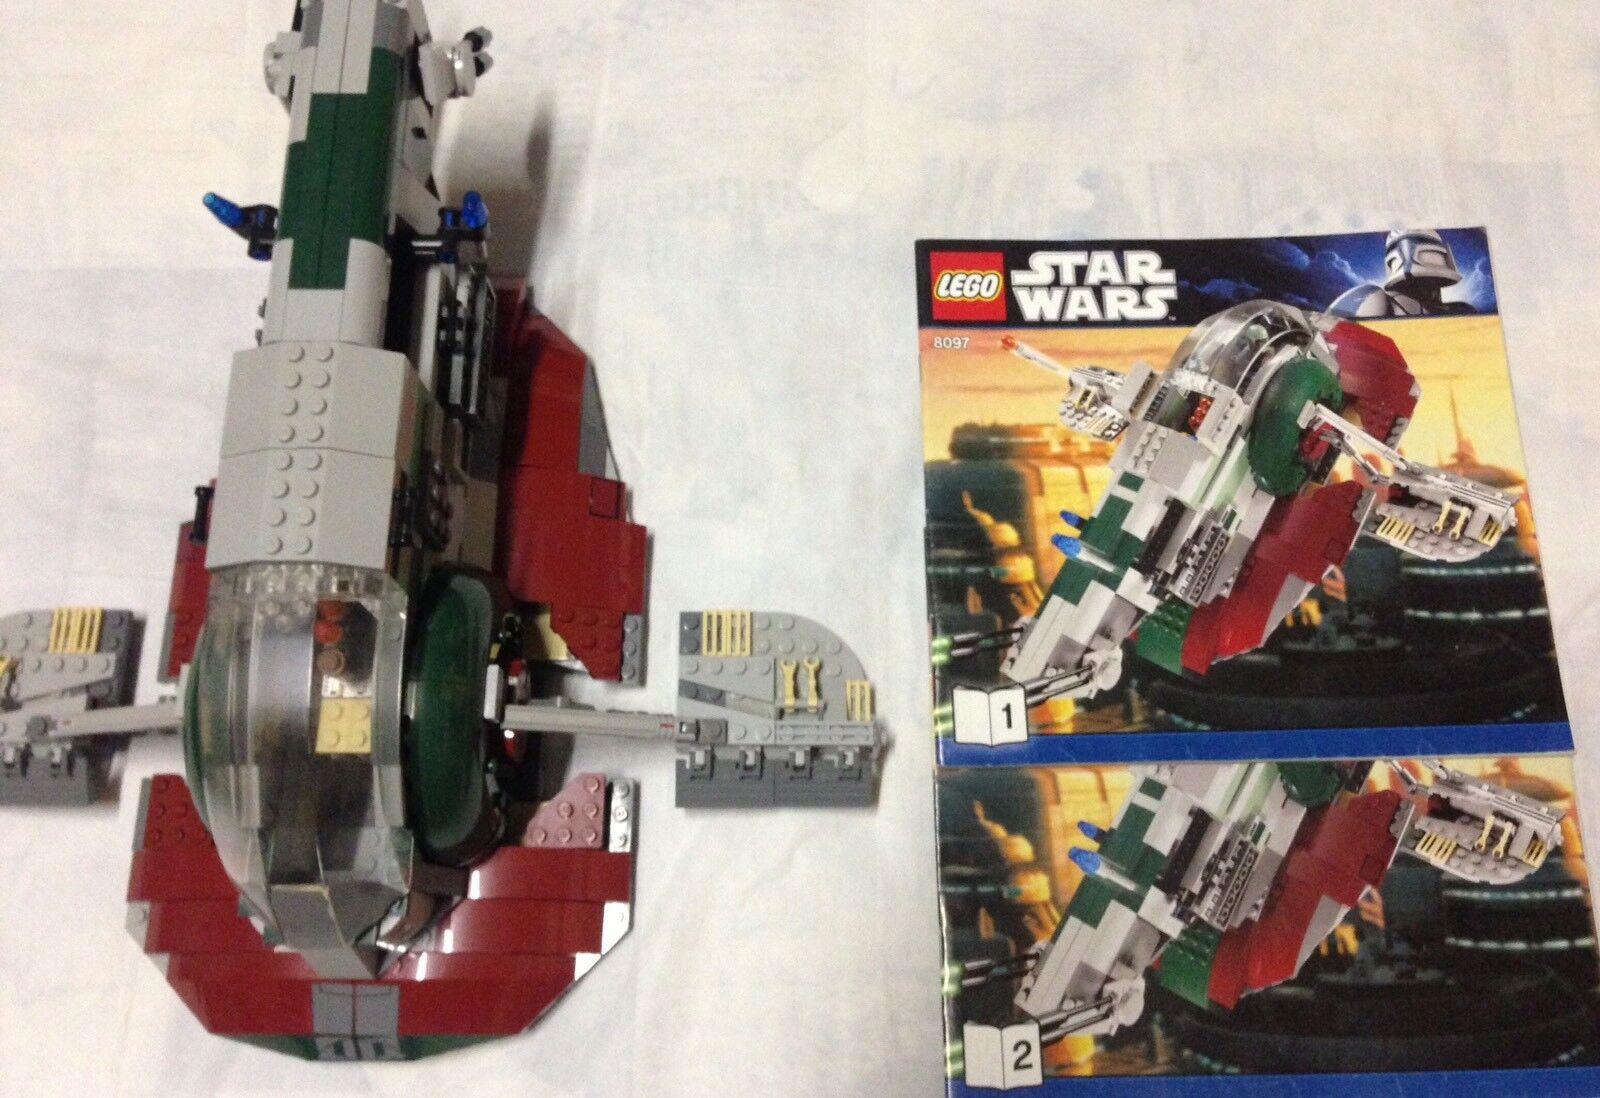 Lego  estrella guerras 8097 Slave NO MINIcifra  acquista la qualità autentica al 100%